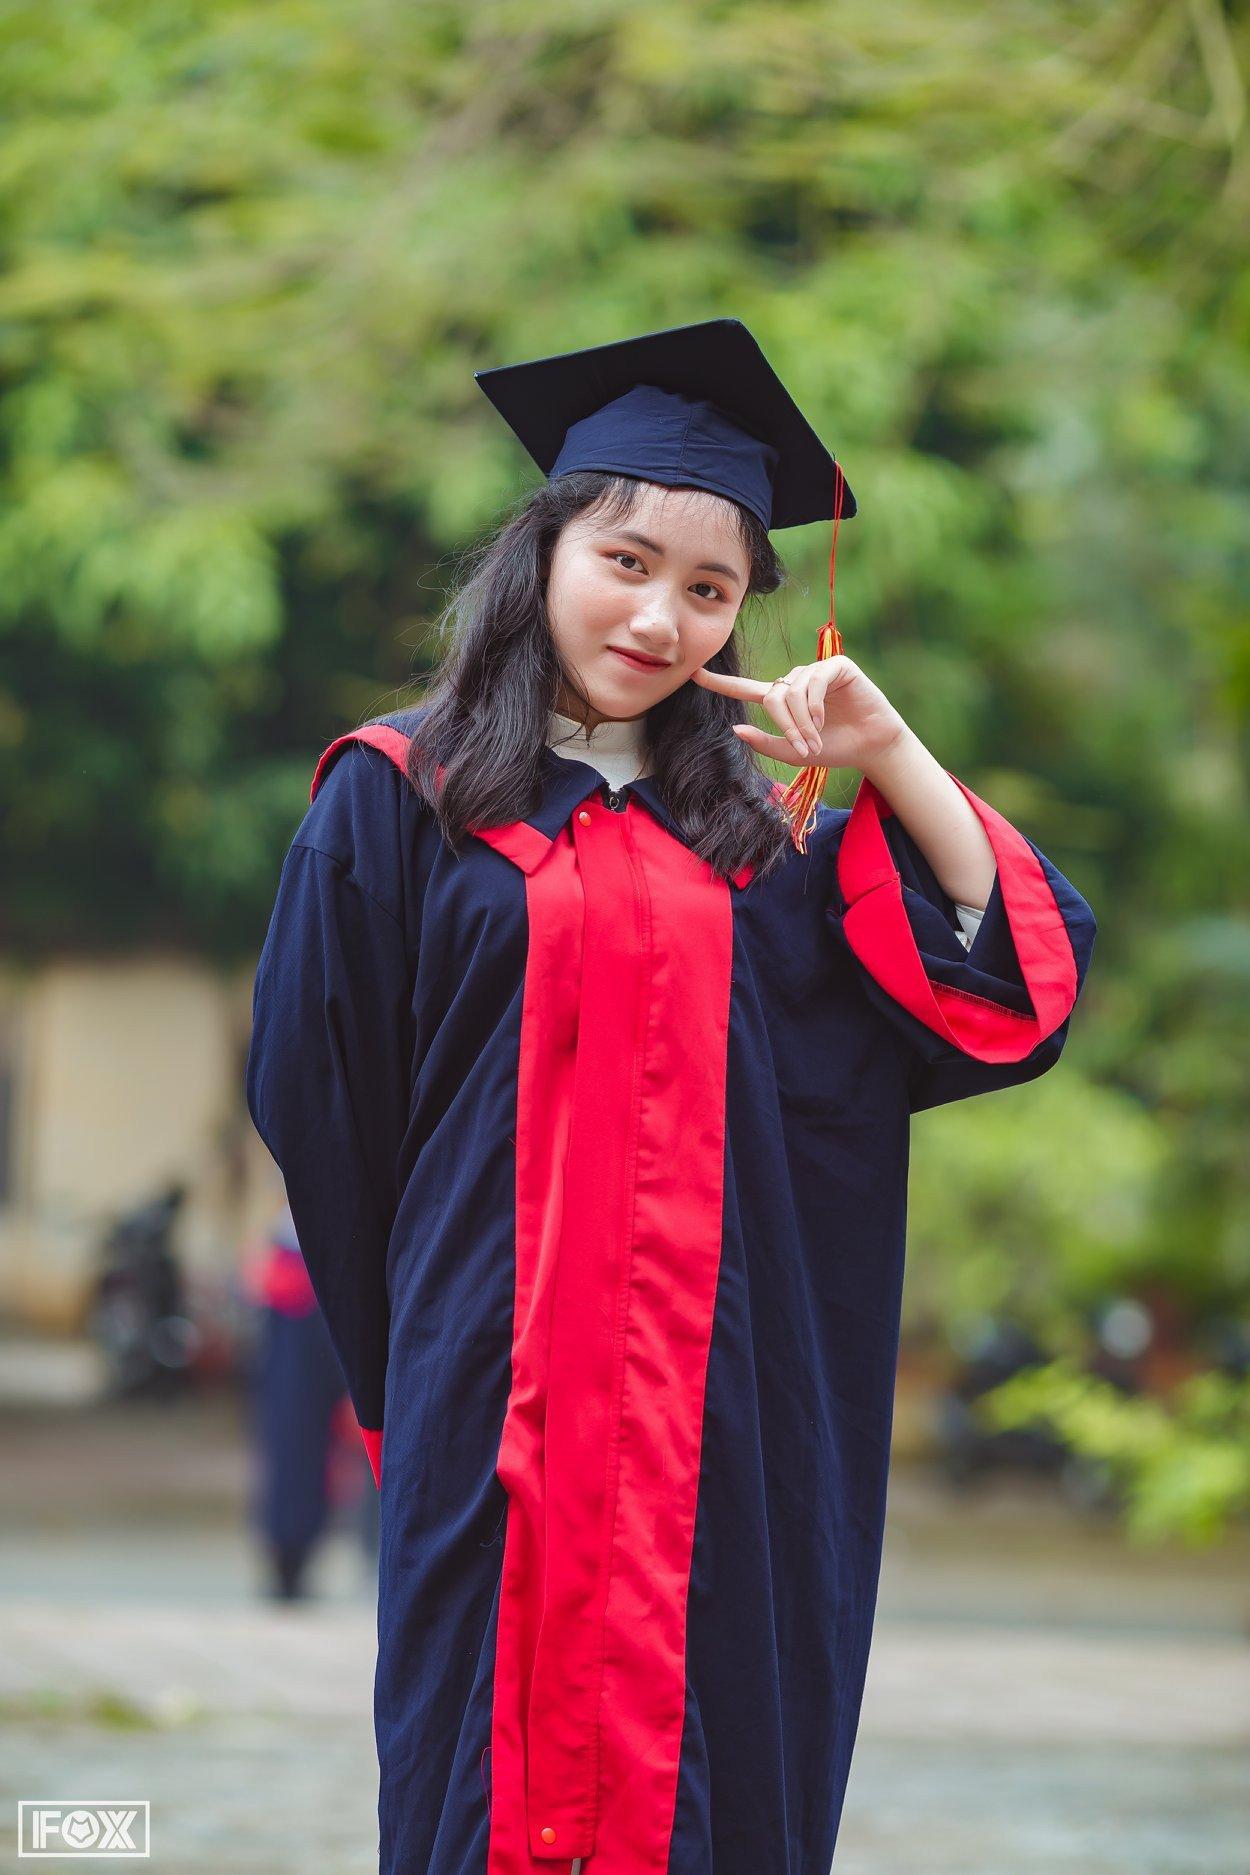 Chân dung nữ sinh Hà Nội có điểm thi khối D cao nhất cả nước 2